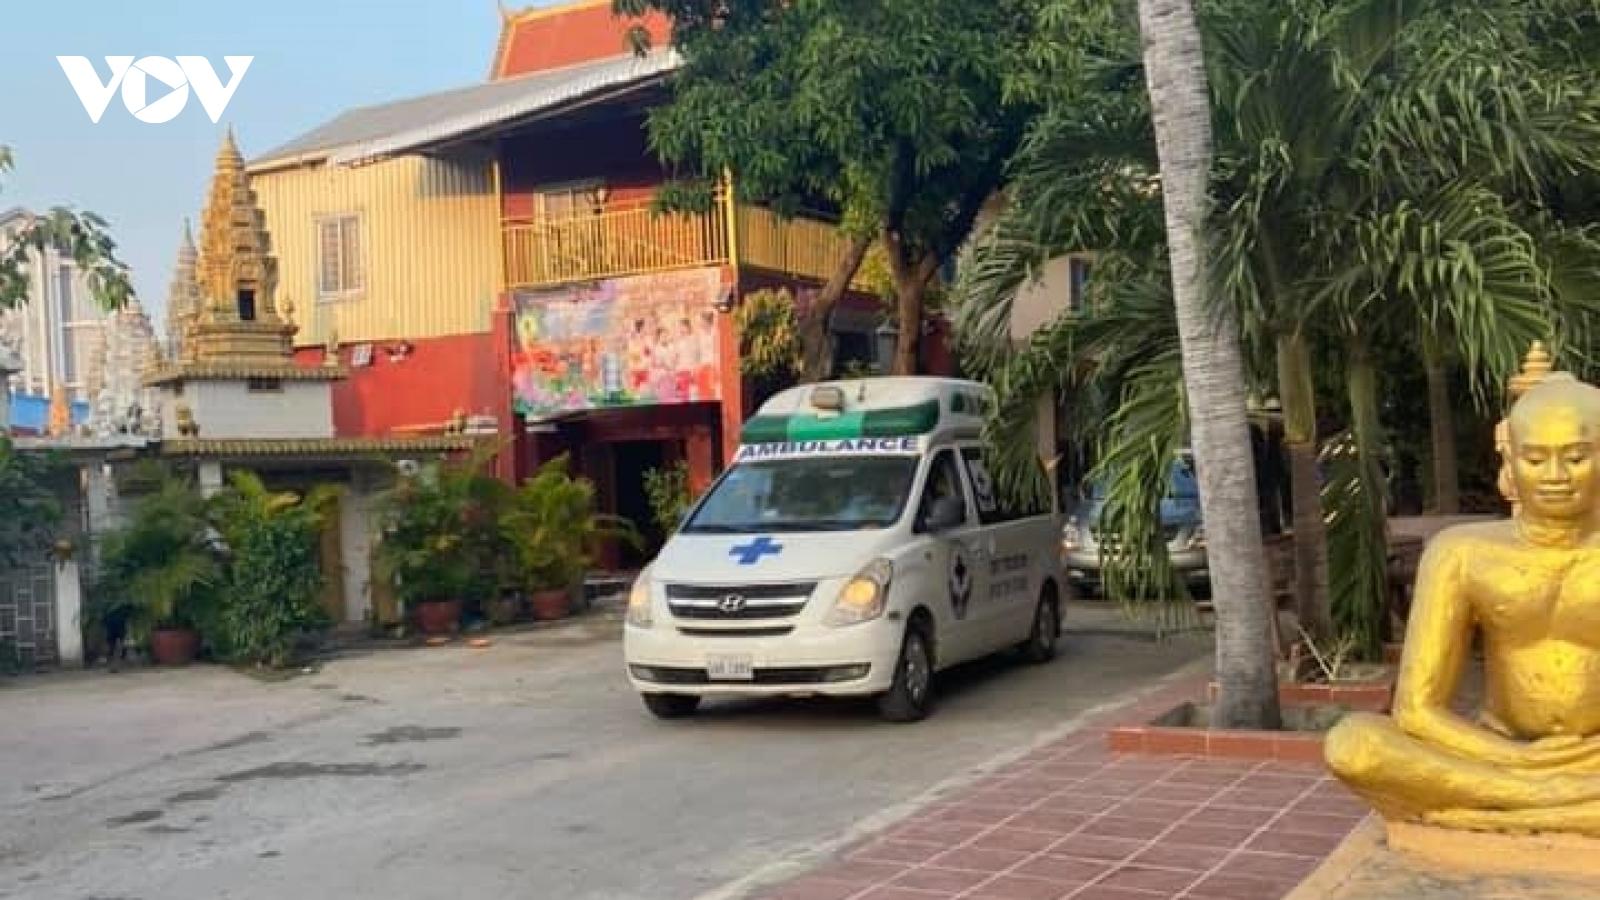 Tổ chức đưa các nạn nhân vụ tai nạn ở Campuchia về nước